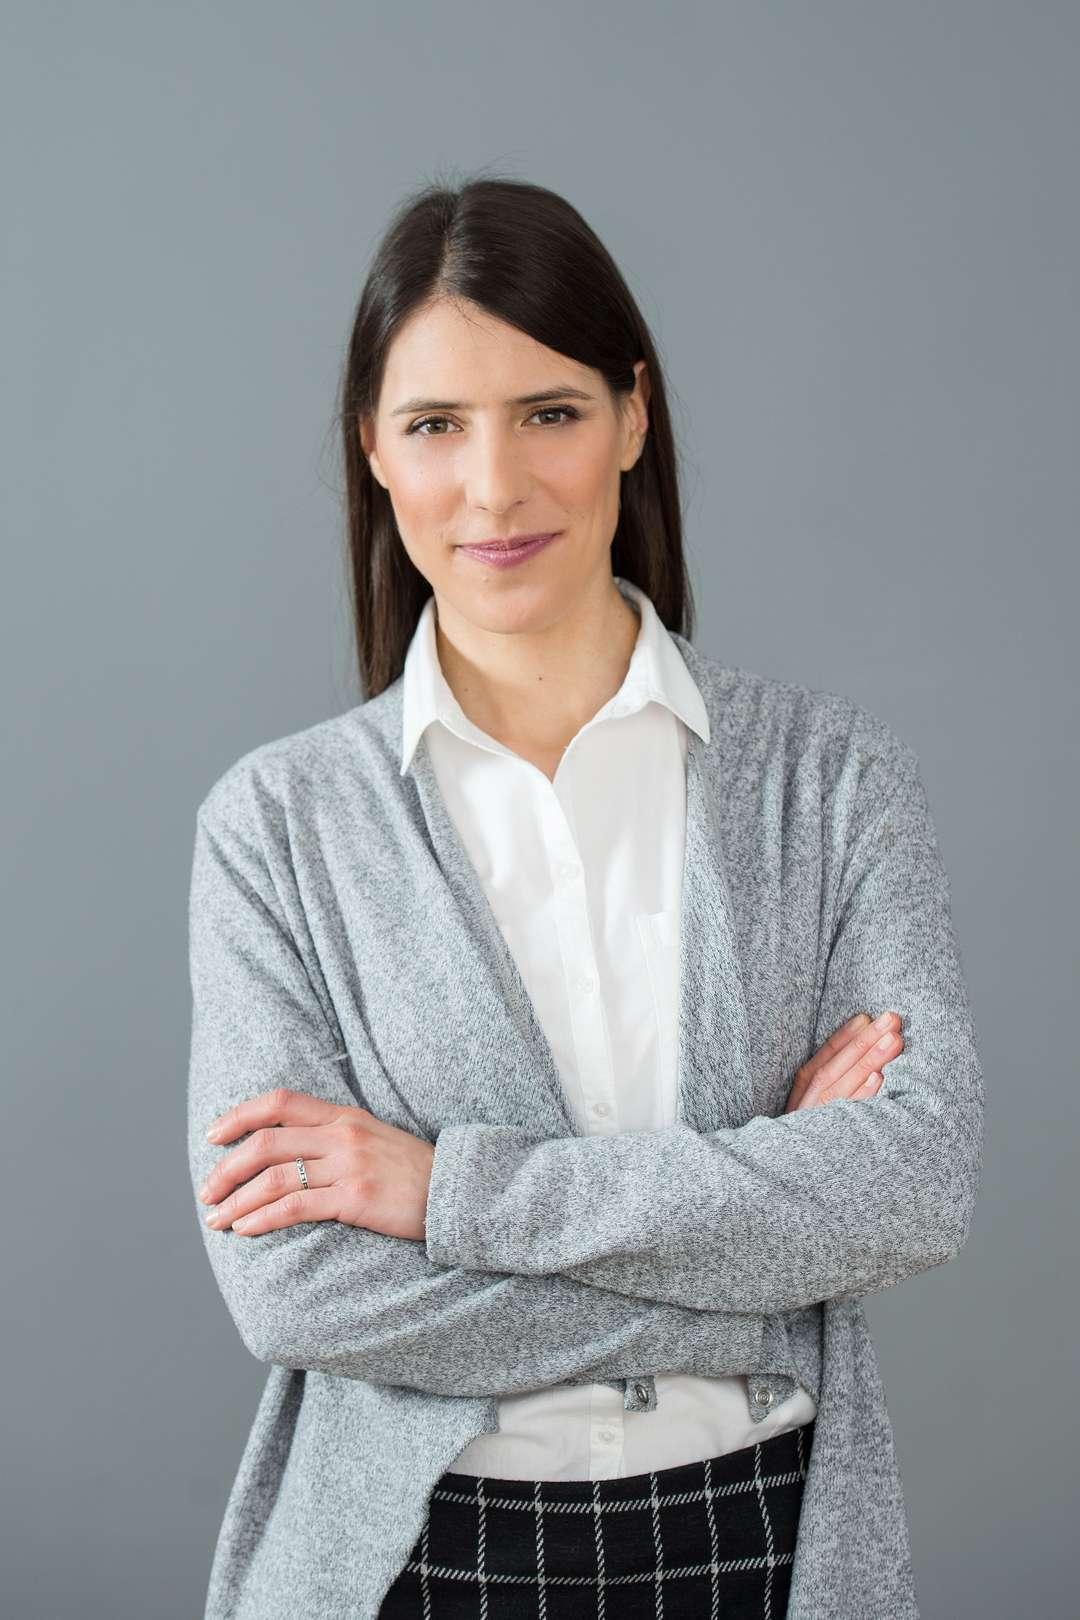 Sylwia Dietetyk - dietetyk wWarszawie